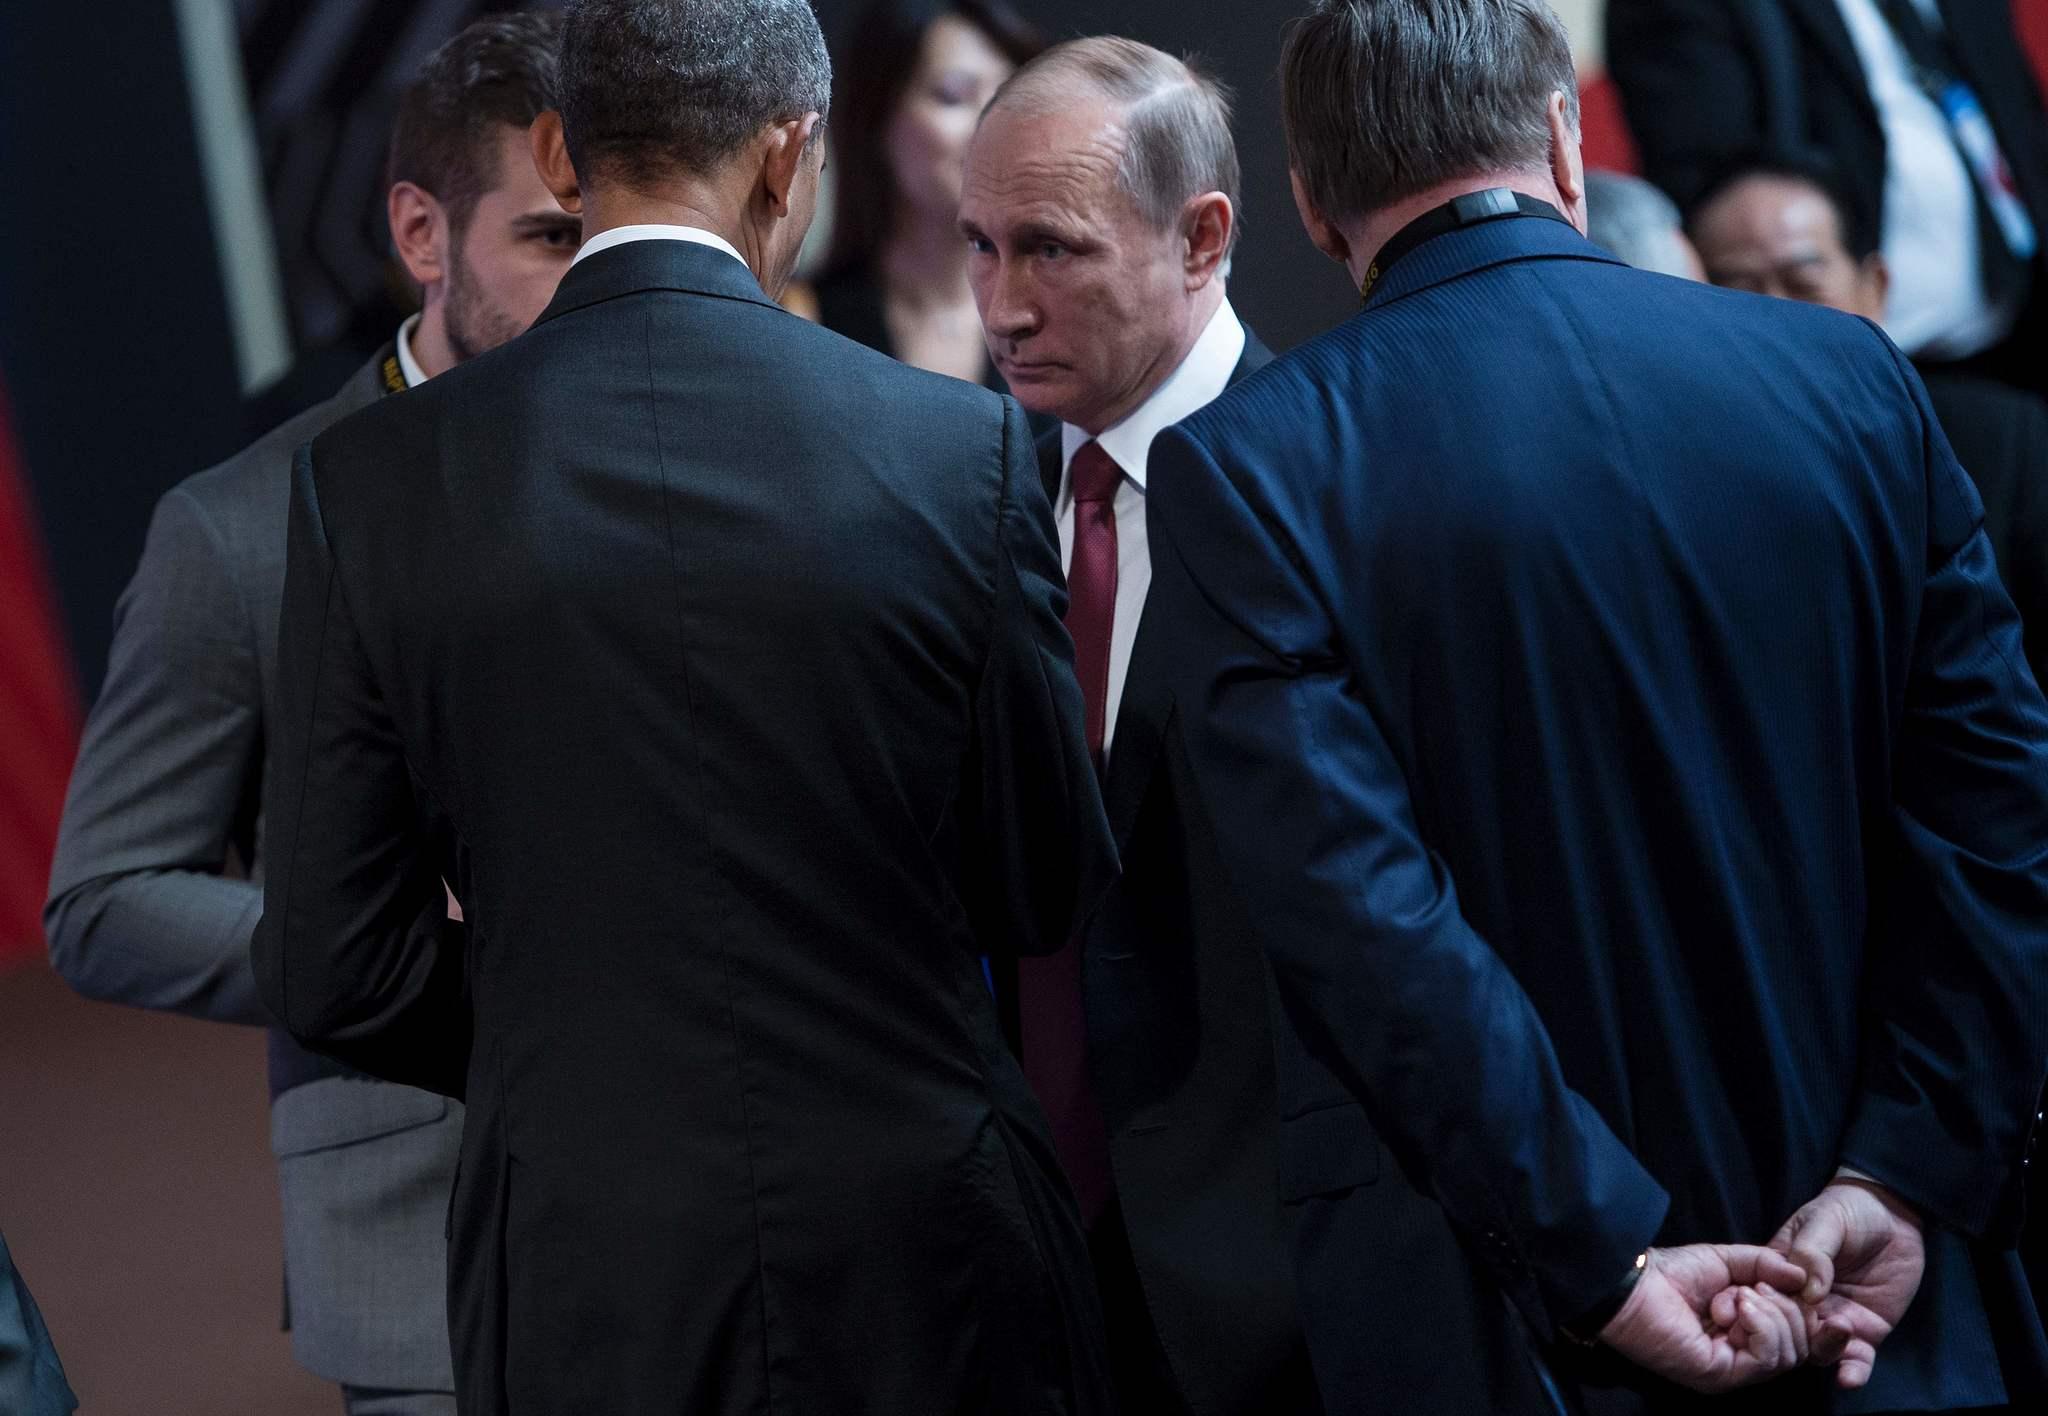 El presidente ruso, Vladimir Putin, junto a su homólogo de EEUU, Barack Obama, de espaldas.